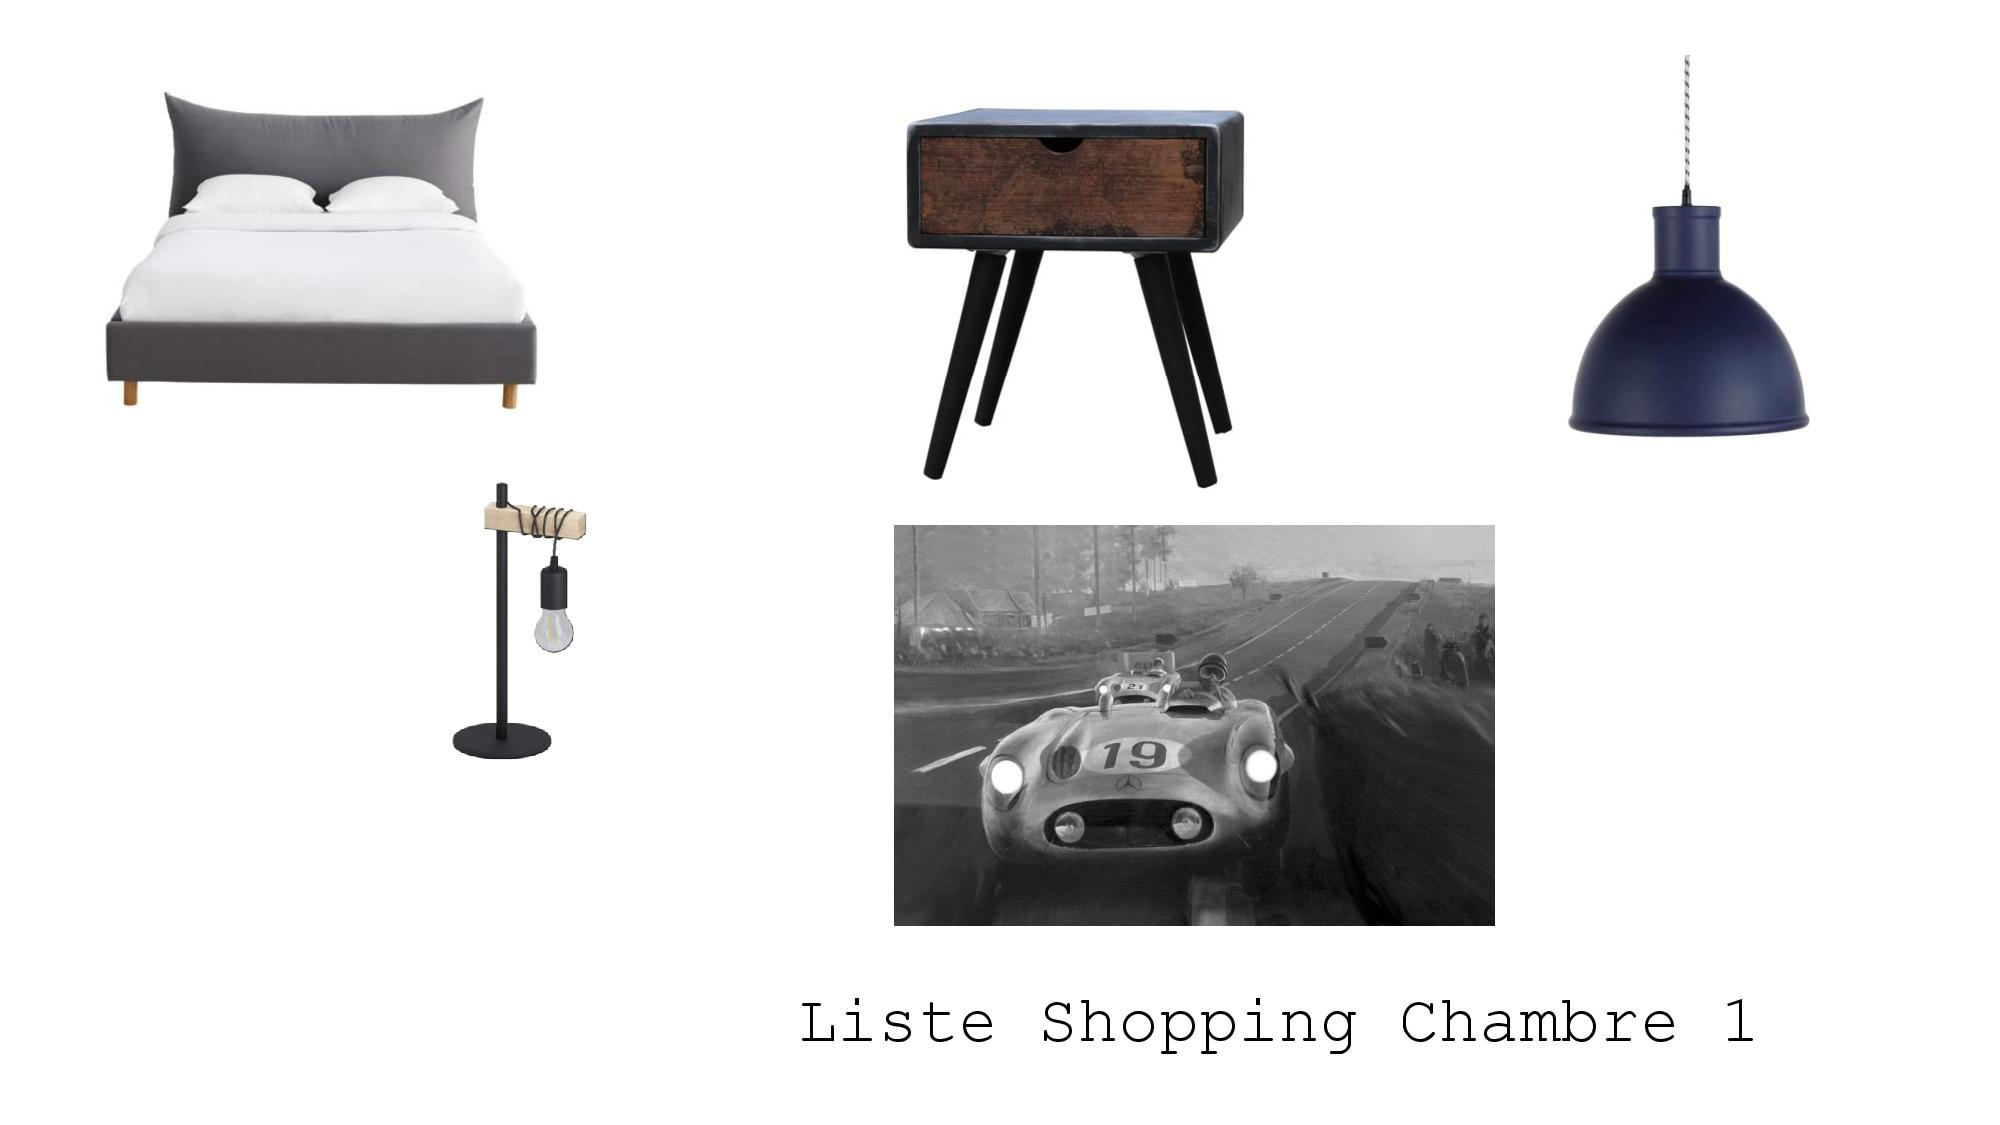 Liste Shopping